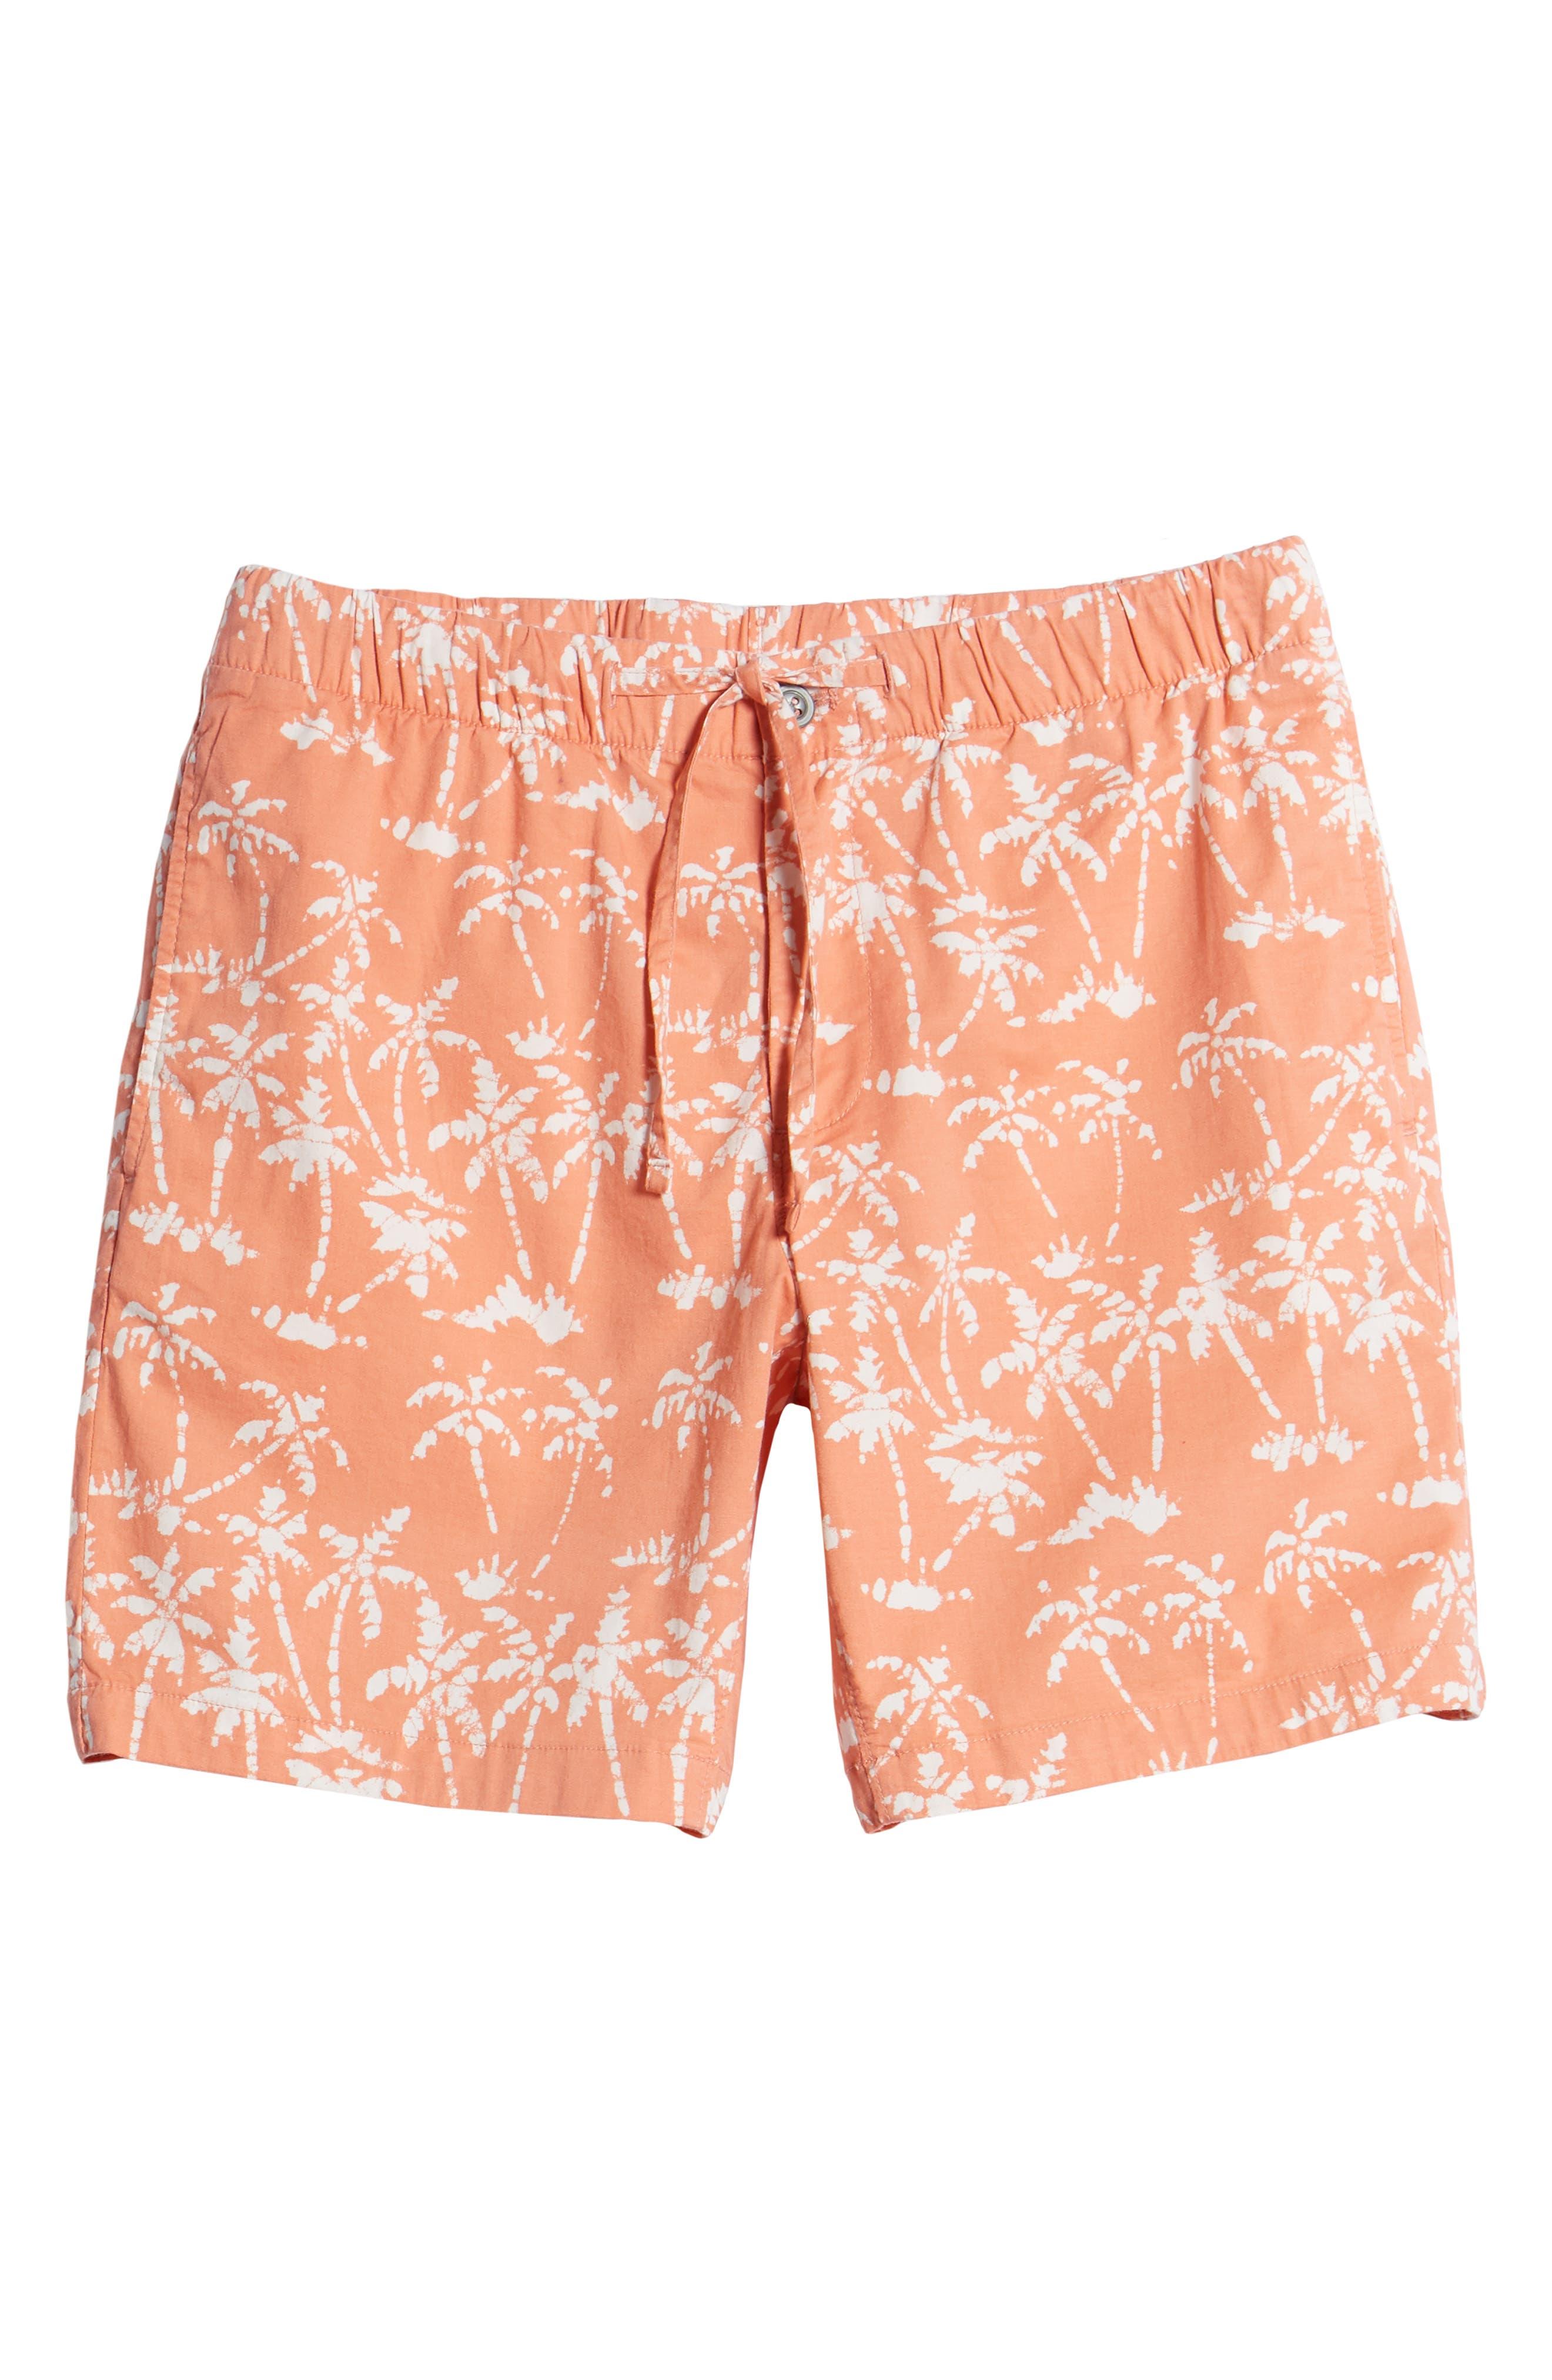 Print Beach Shorts,                             Alternate thumbnail 6, color,                             Batik Palms Himalayan Salt